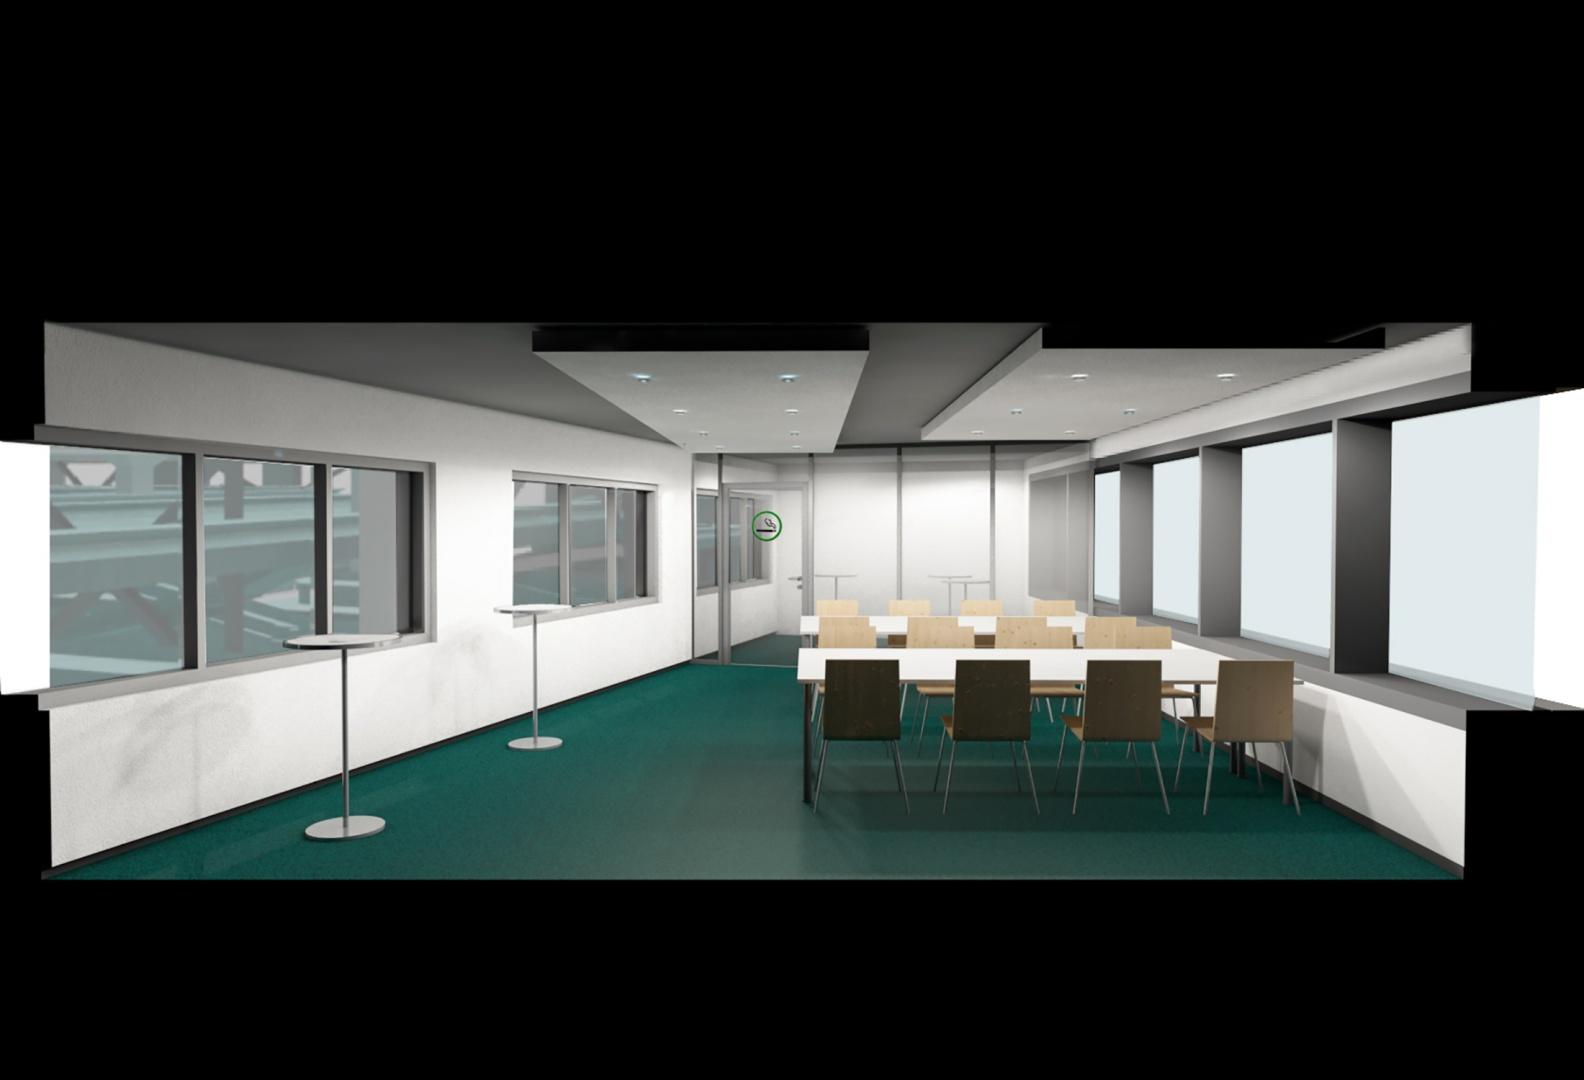 Visualisierung aus BIM Modell von Sitzungsszimmer © steigerconcept ag, Staffelstrasse 8, 8045 Zürich